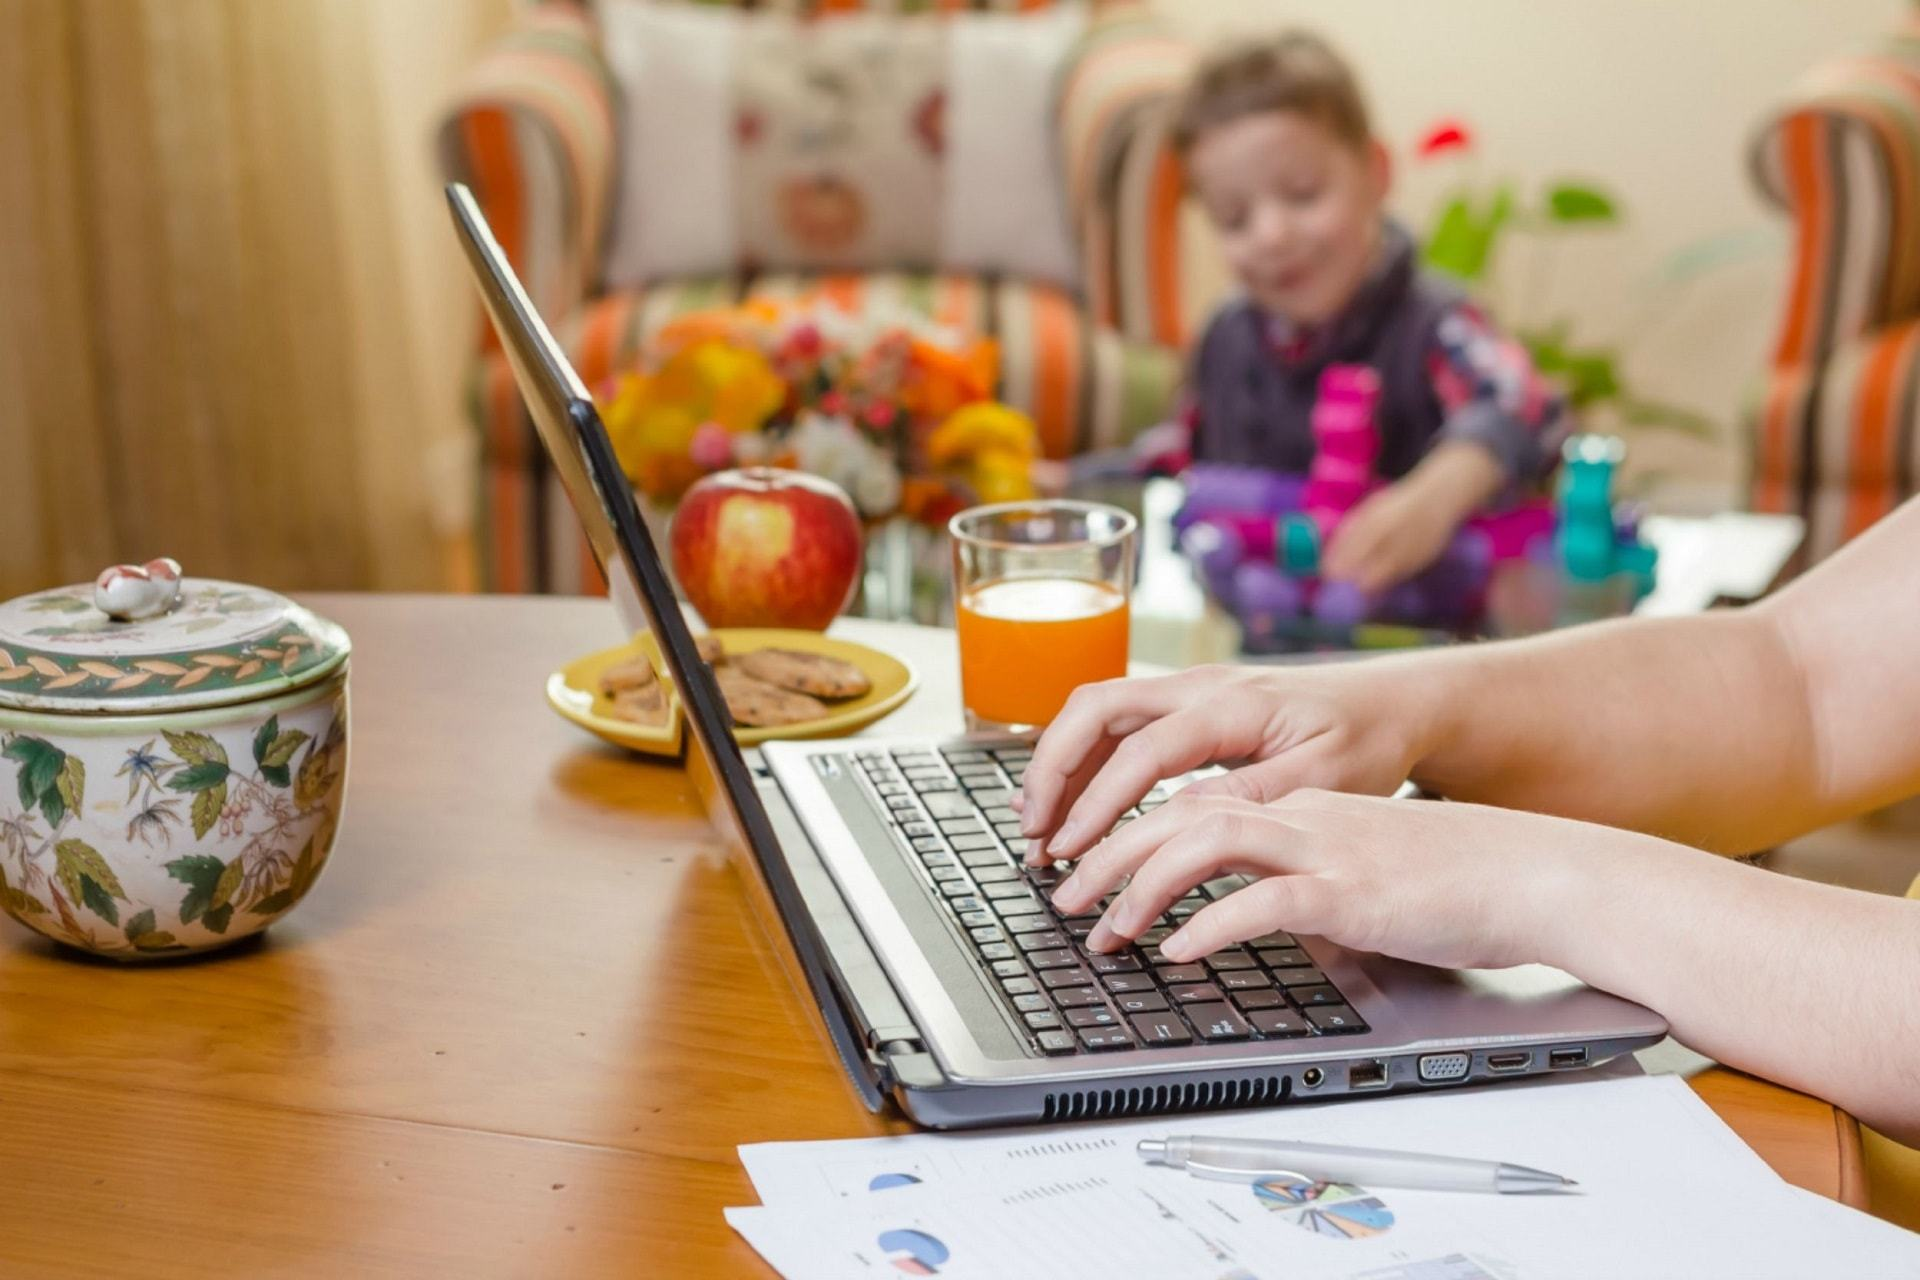 Bán hàng online hiệu quả